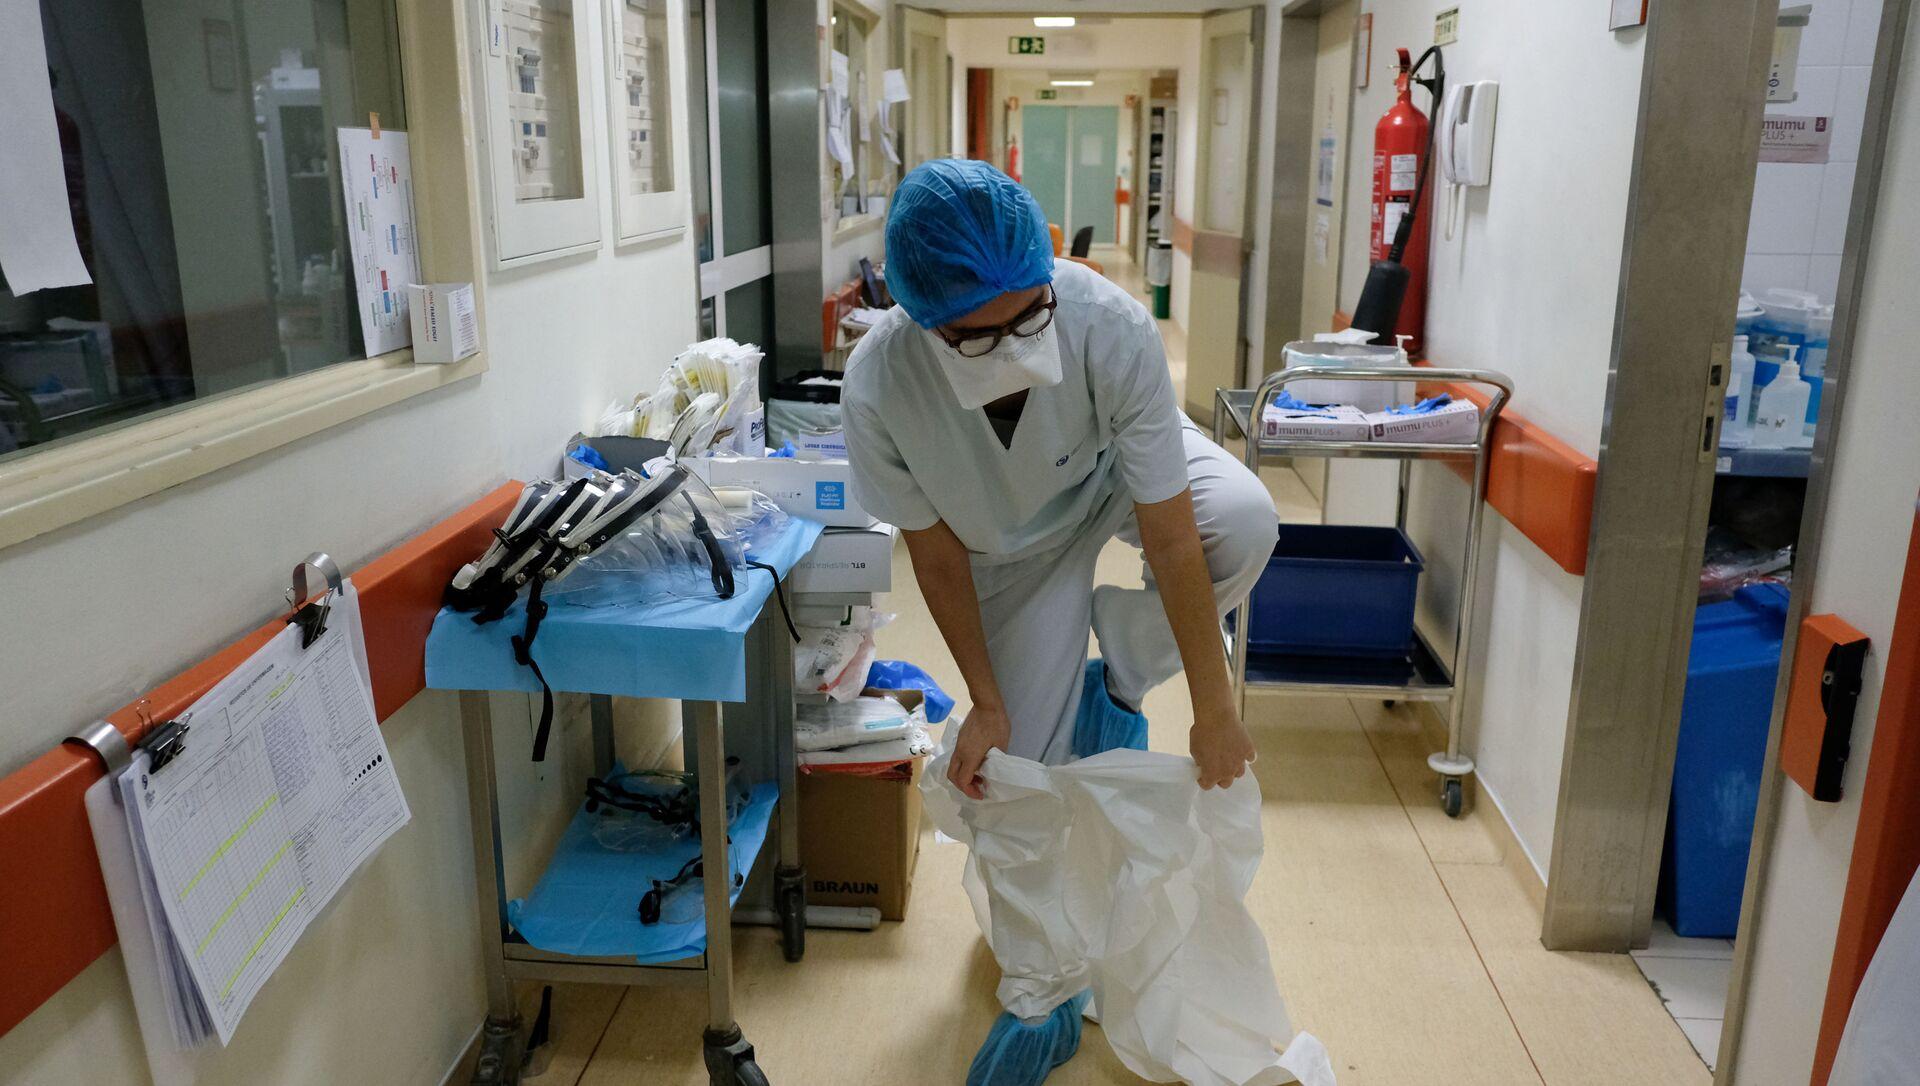 Infermiera prima di visitare il reparto con pazienti malati in ospedale a Lisbona, Portogallo - Sputnik Italia, 1920, 29.03.2021